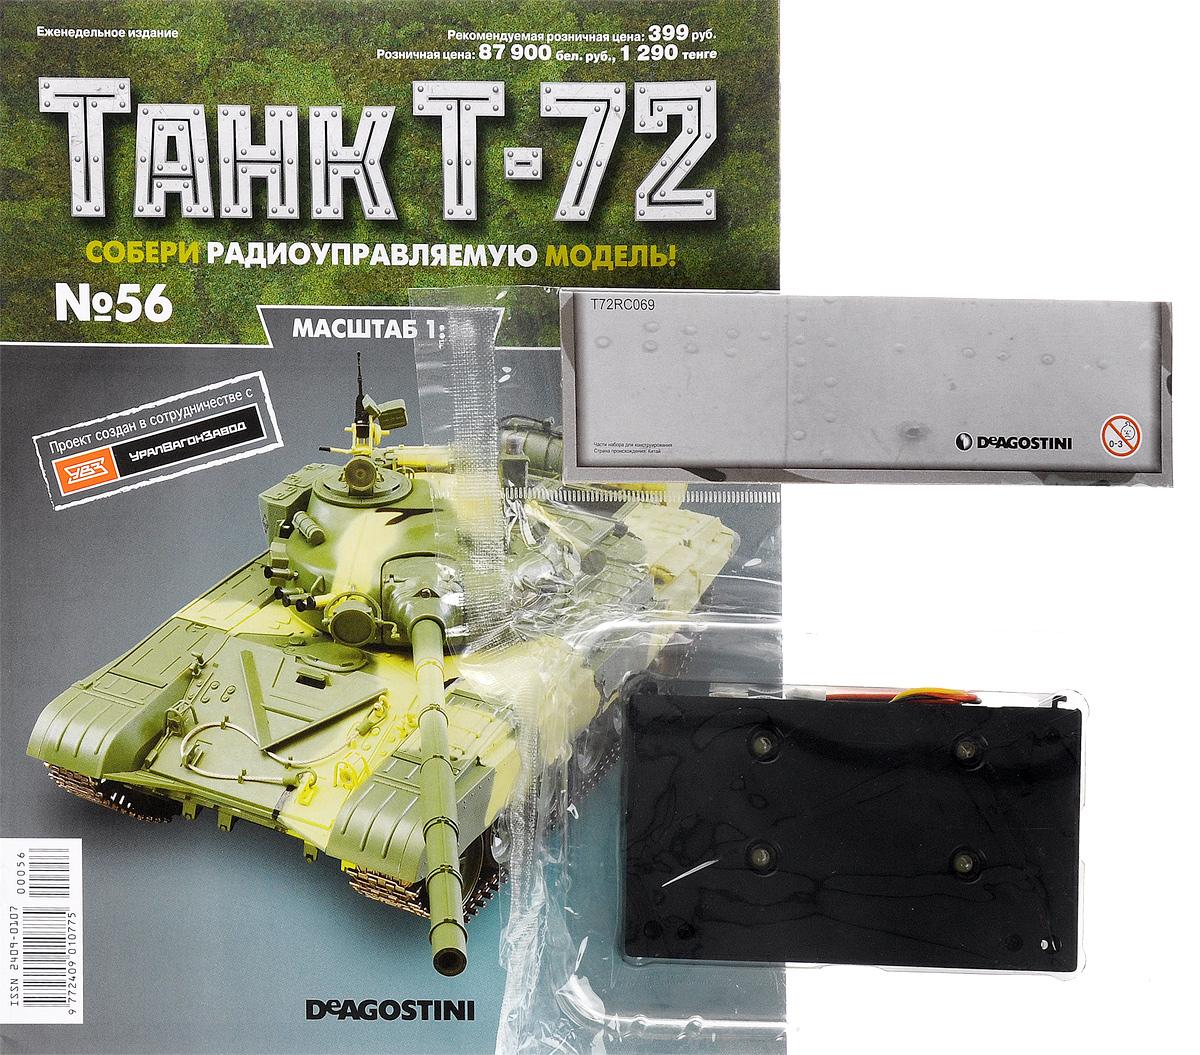 Журнал Танк Т-72 №56TANK056Перед вами - журнал из уникальной серии партворков Танк Т-72 с увлекательной информацией о легендарных боевых машинах и элементами для сборки копии танка Т-72 в уменьшенном варианте 1:16. У вас есть возможность собственноручно создать высококачественную модель этого знаменитого танка с достоверным воспроизведением всех элементов, сохранением функций подлинной боевой машины и дистанционным управлением. В комплекте: 1. ИК-панель со светодиодами Категория 16+.